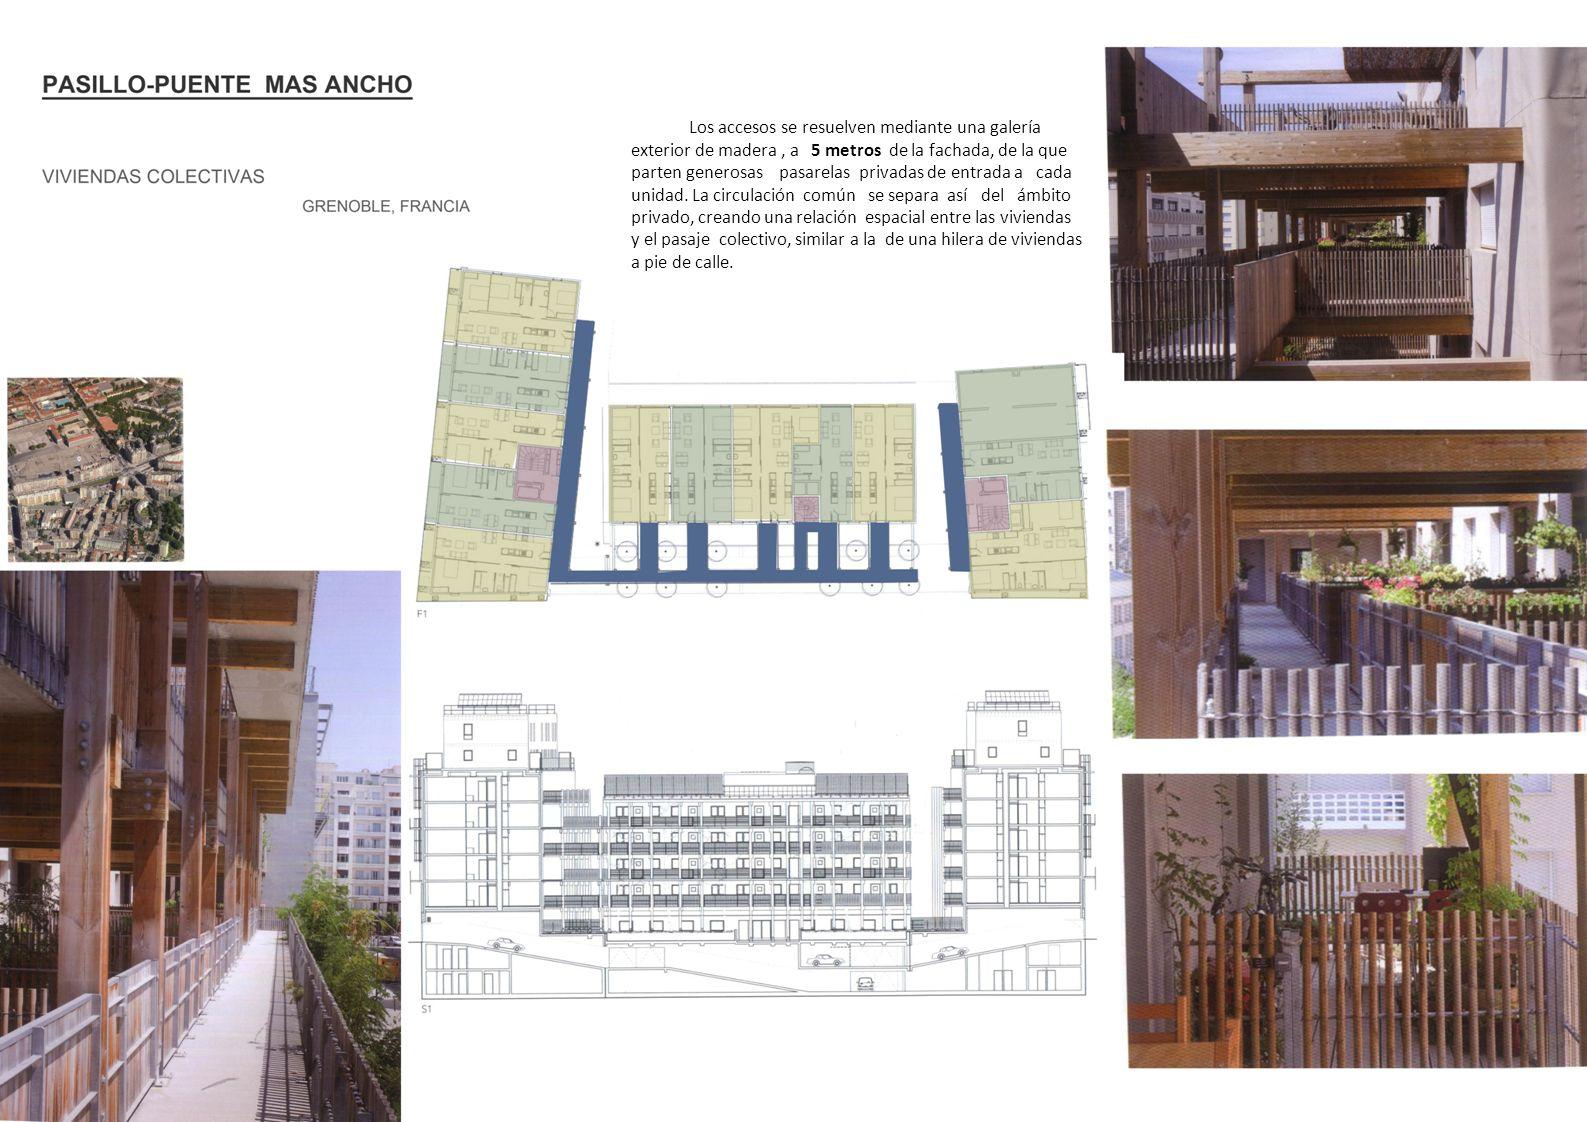 Este edificio en Vancouver tiene 10 unidades de viviendas, que se conectan con dos circulaciones verticales y con pasillos- puentes a niveles diferentes,jugando al espacio central del patio.